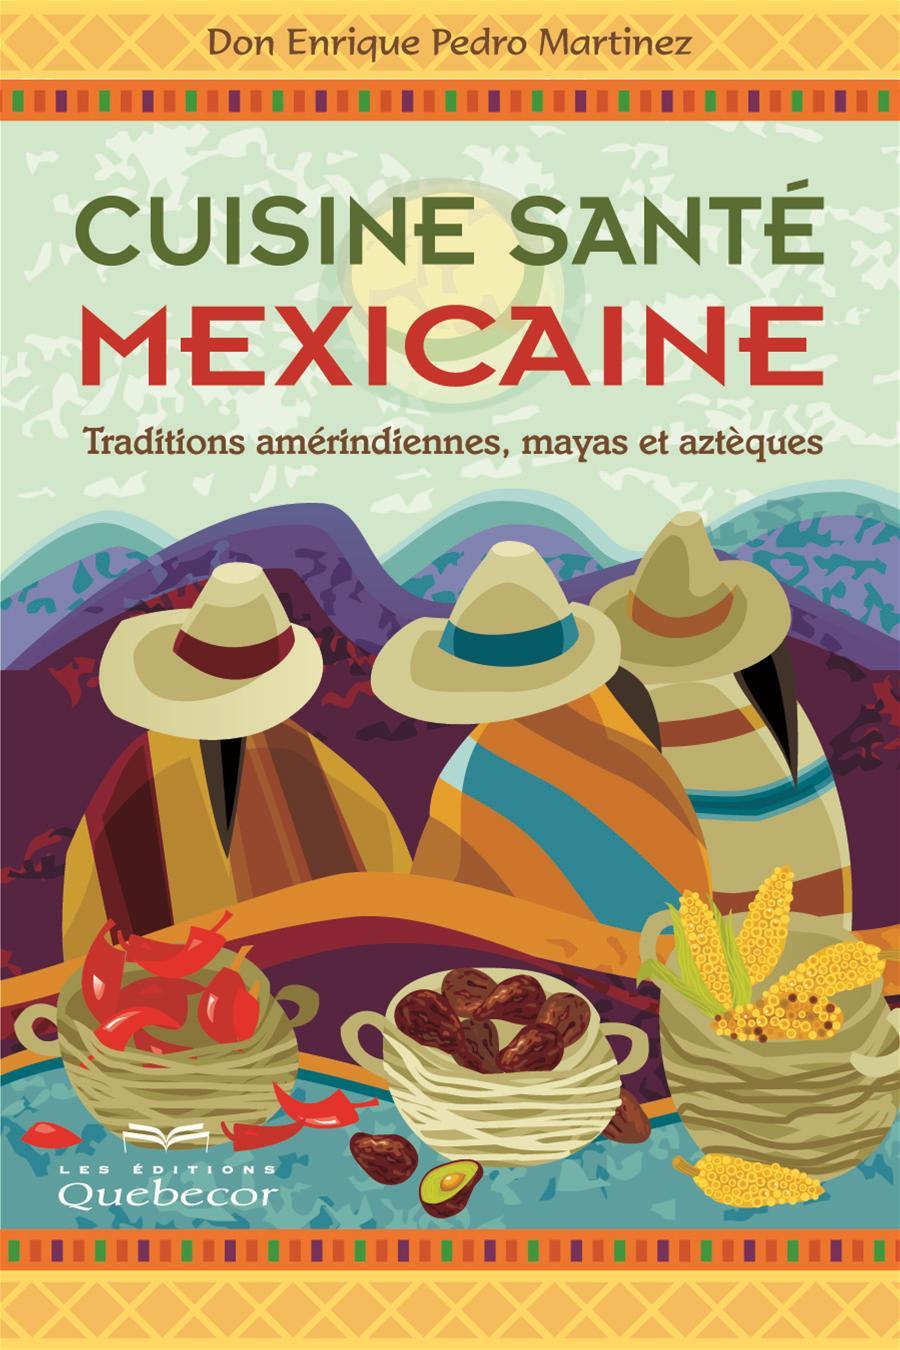 Cuisine santé mexicaine